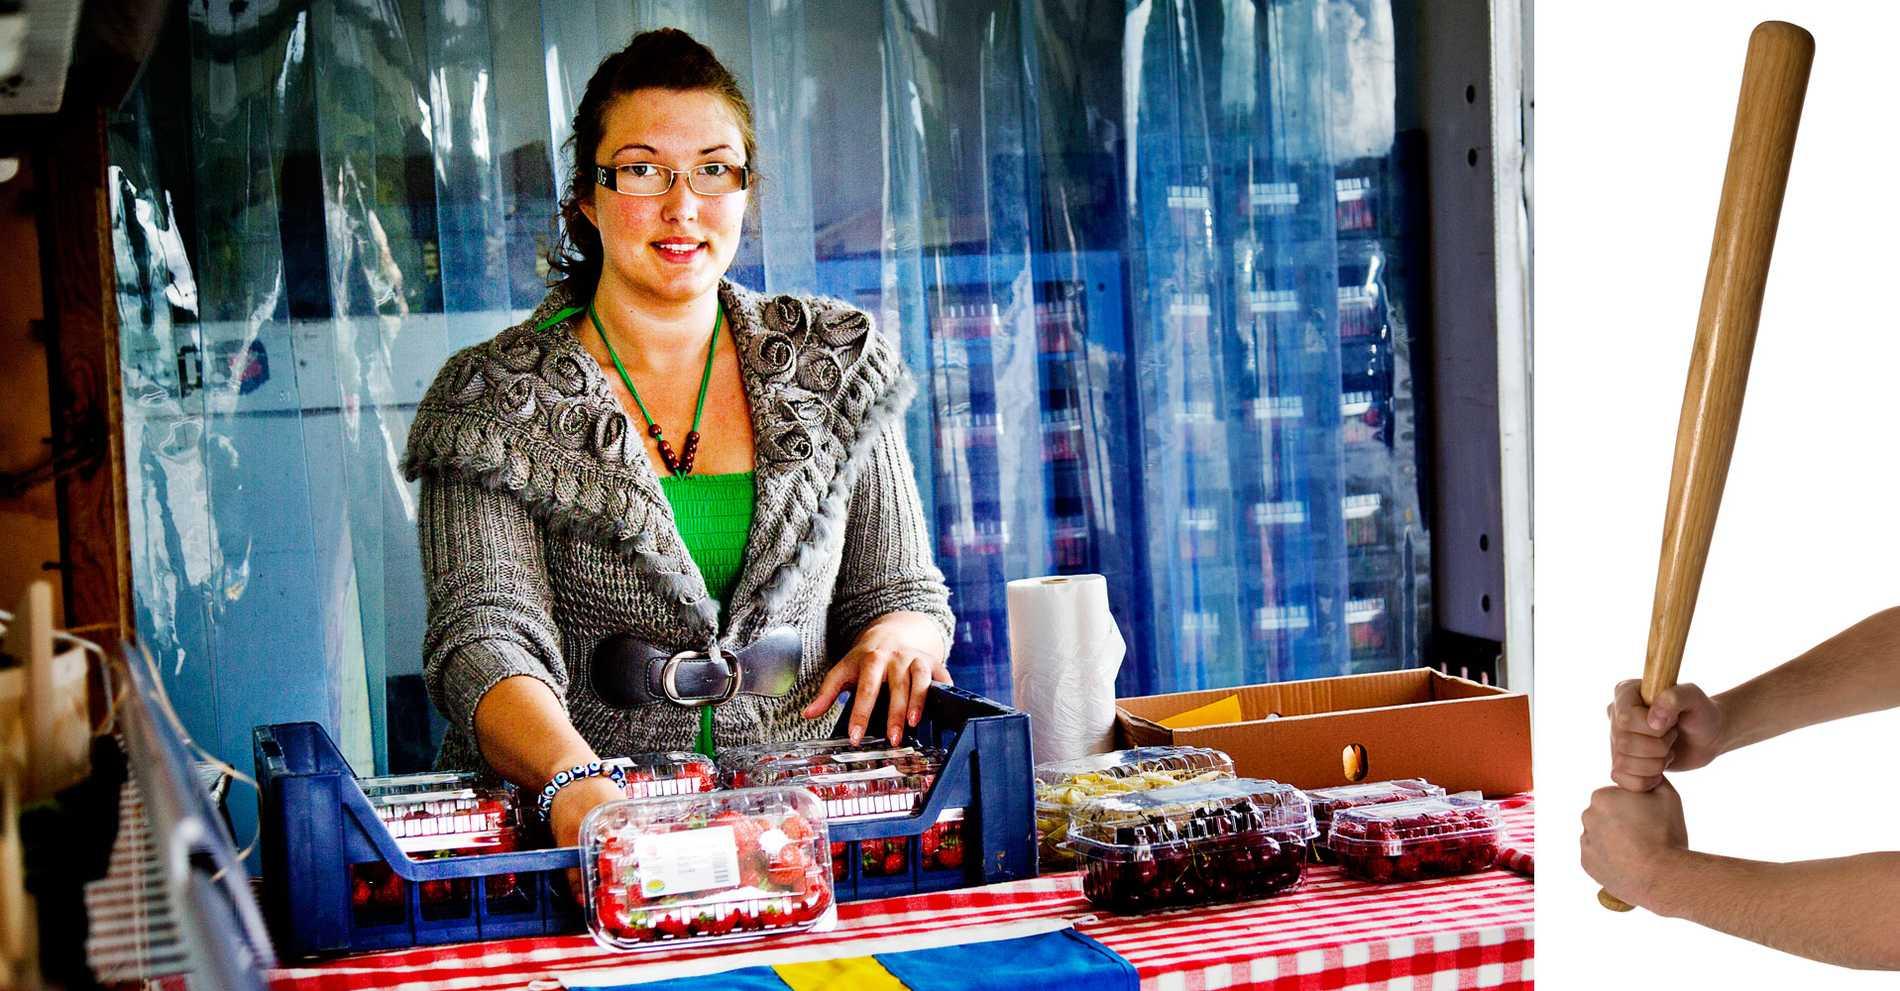 kan förstå. Diana Sjöström, 23, säljer jordgubbar vid vägkanten och har varit med om obehagliga situationer på jobbet.